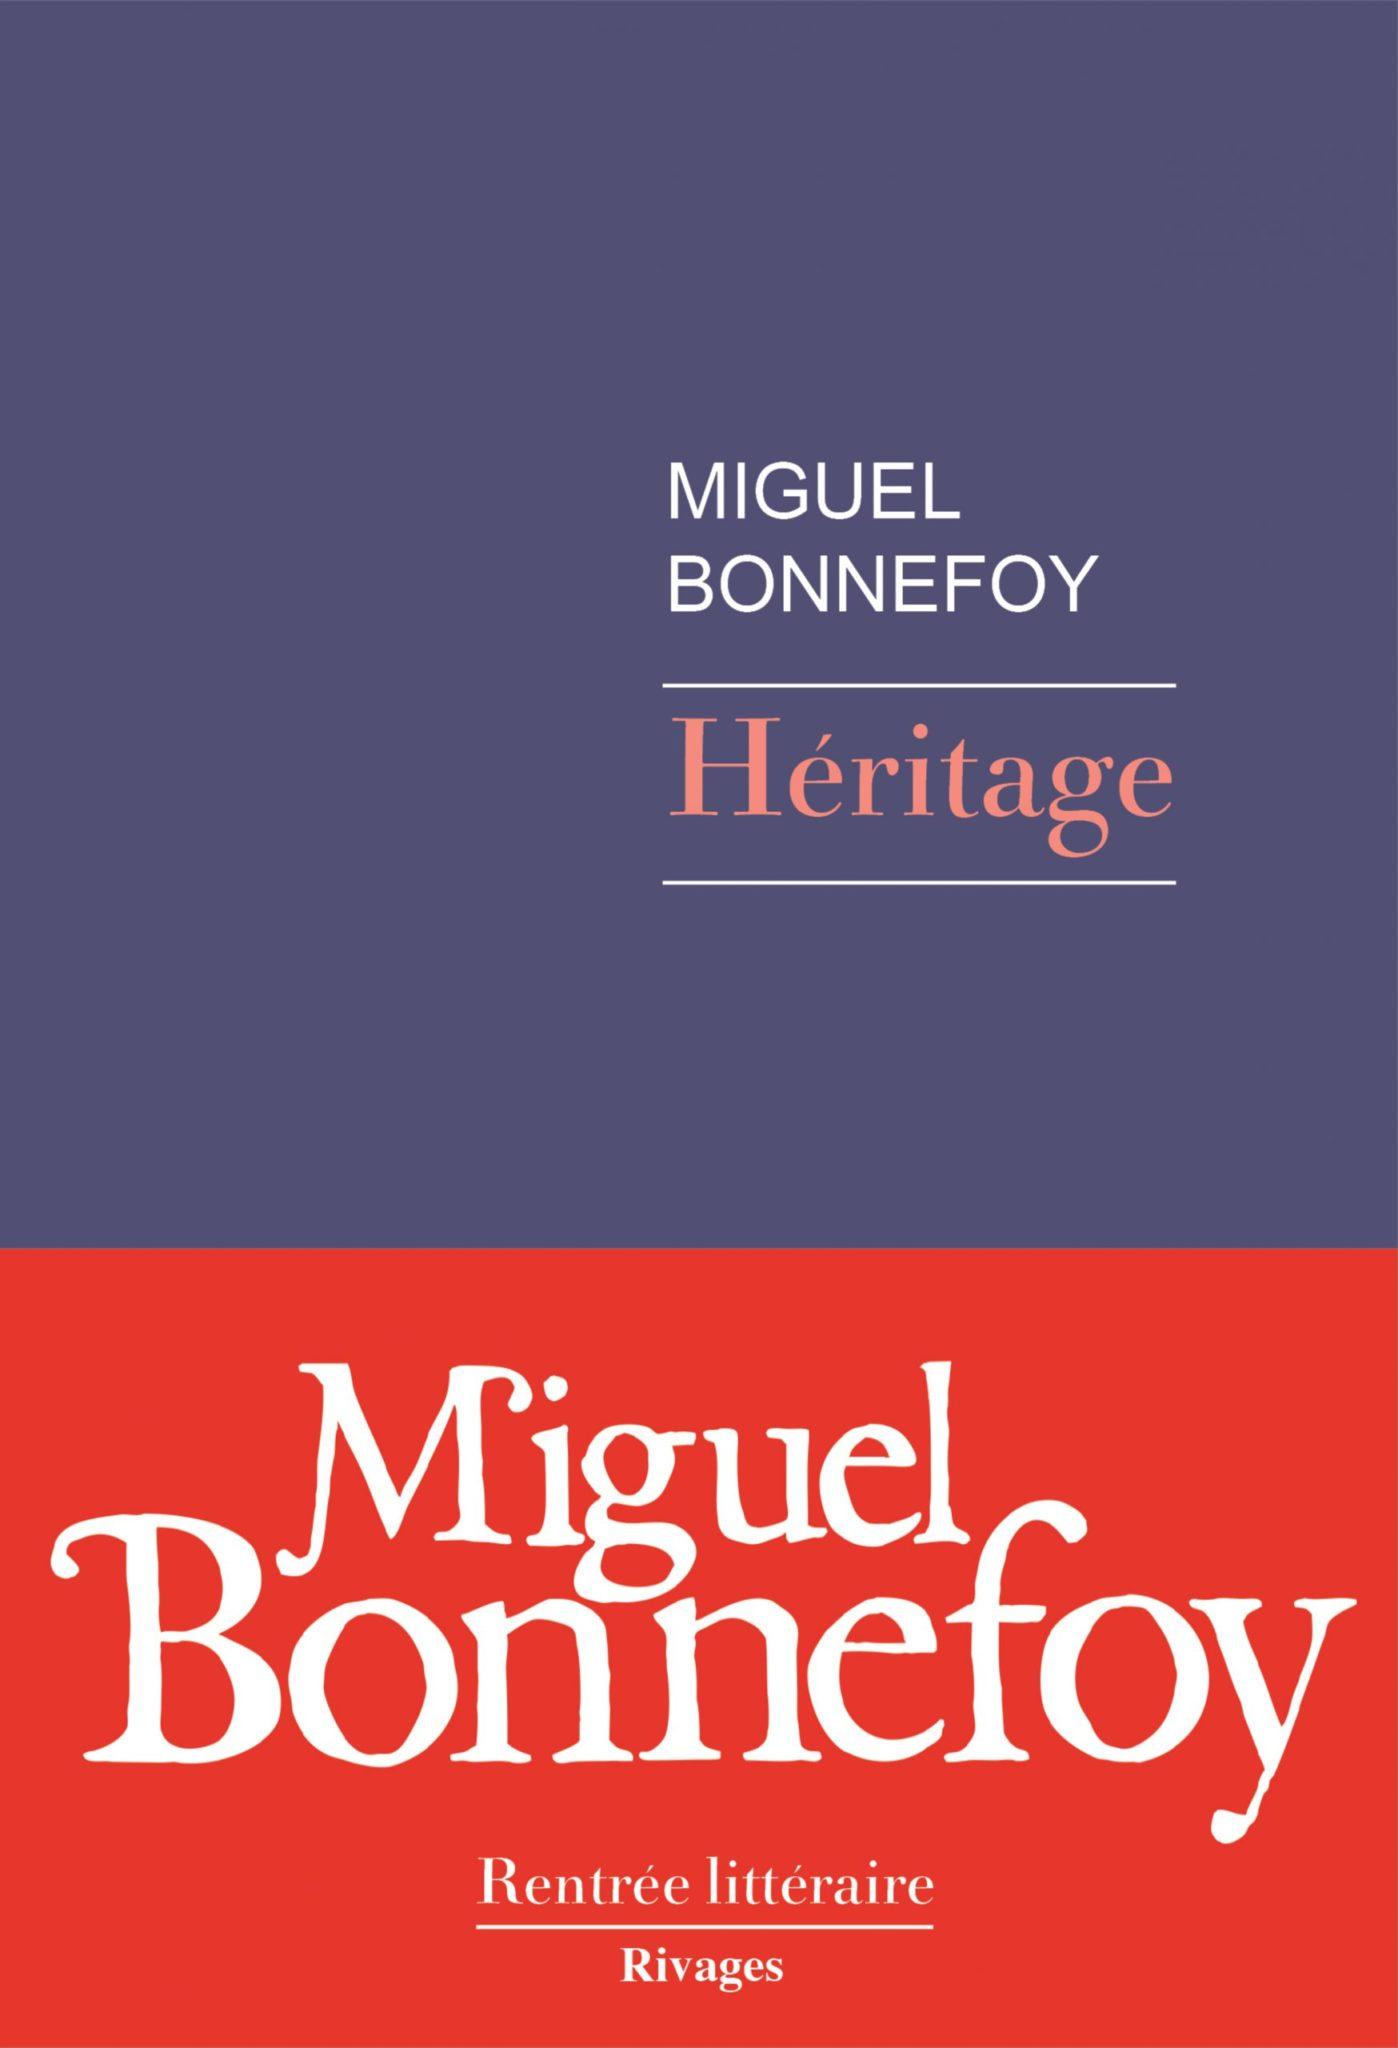 Héritage Miguel Bonnefoy couverture